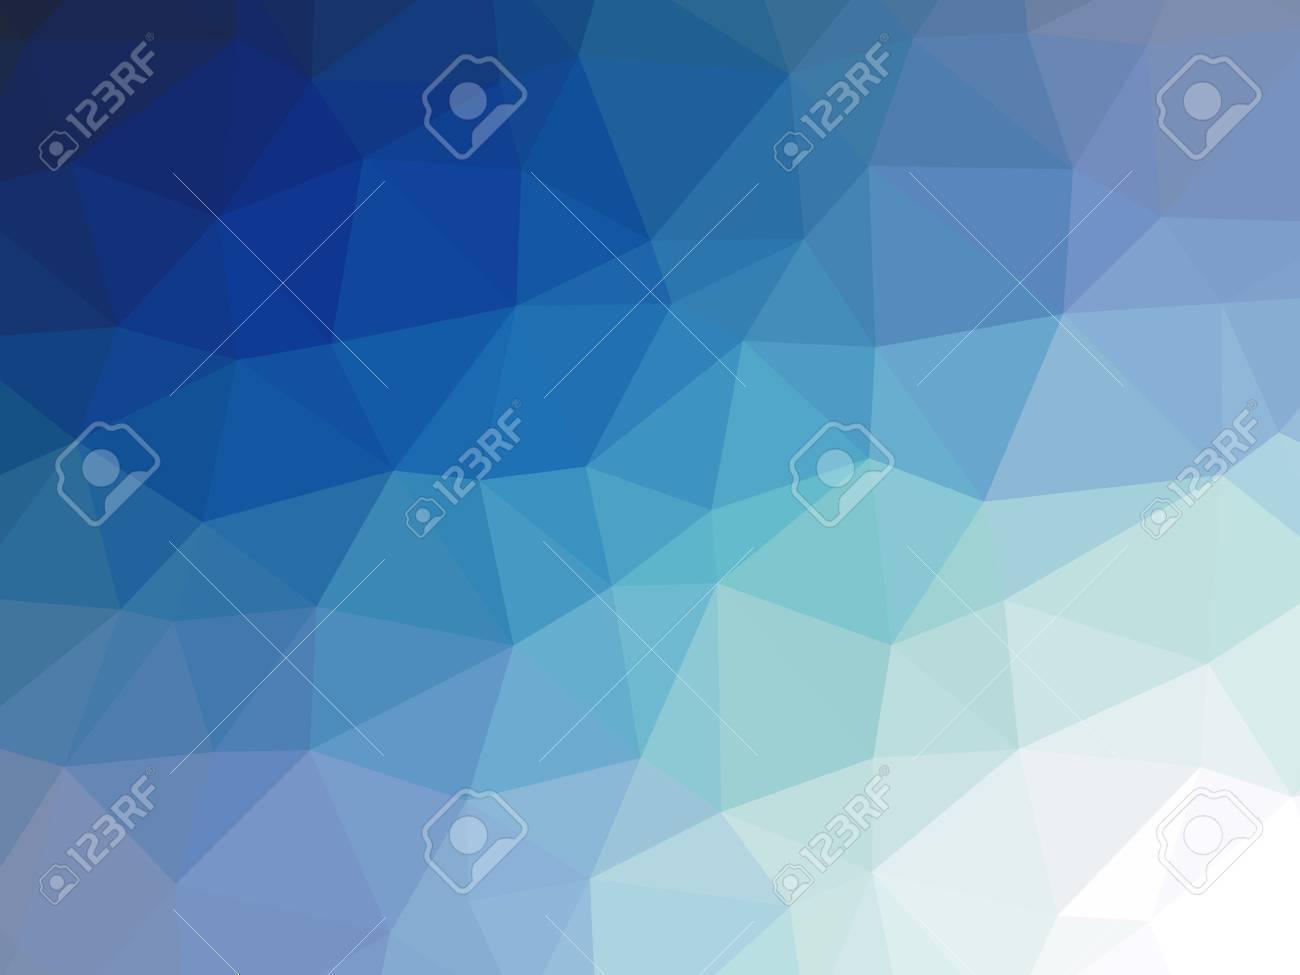 Marine Teal Dégradé Bleu Polygone En Forme De Fond Banque Dimages